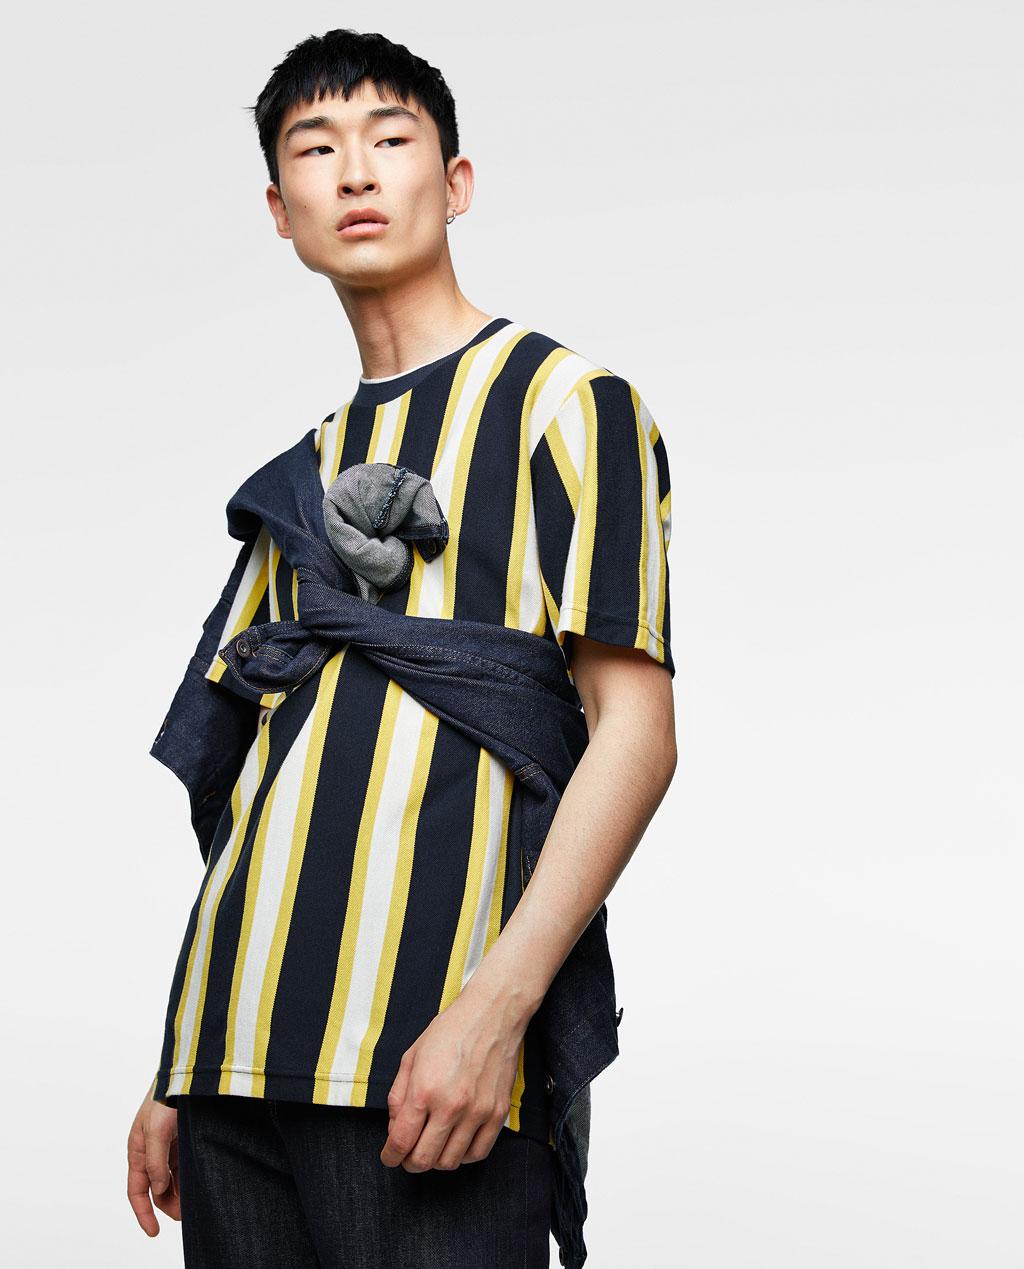 Thời trang nam Zara  24152 - ảnh 6